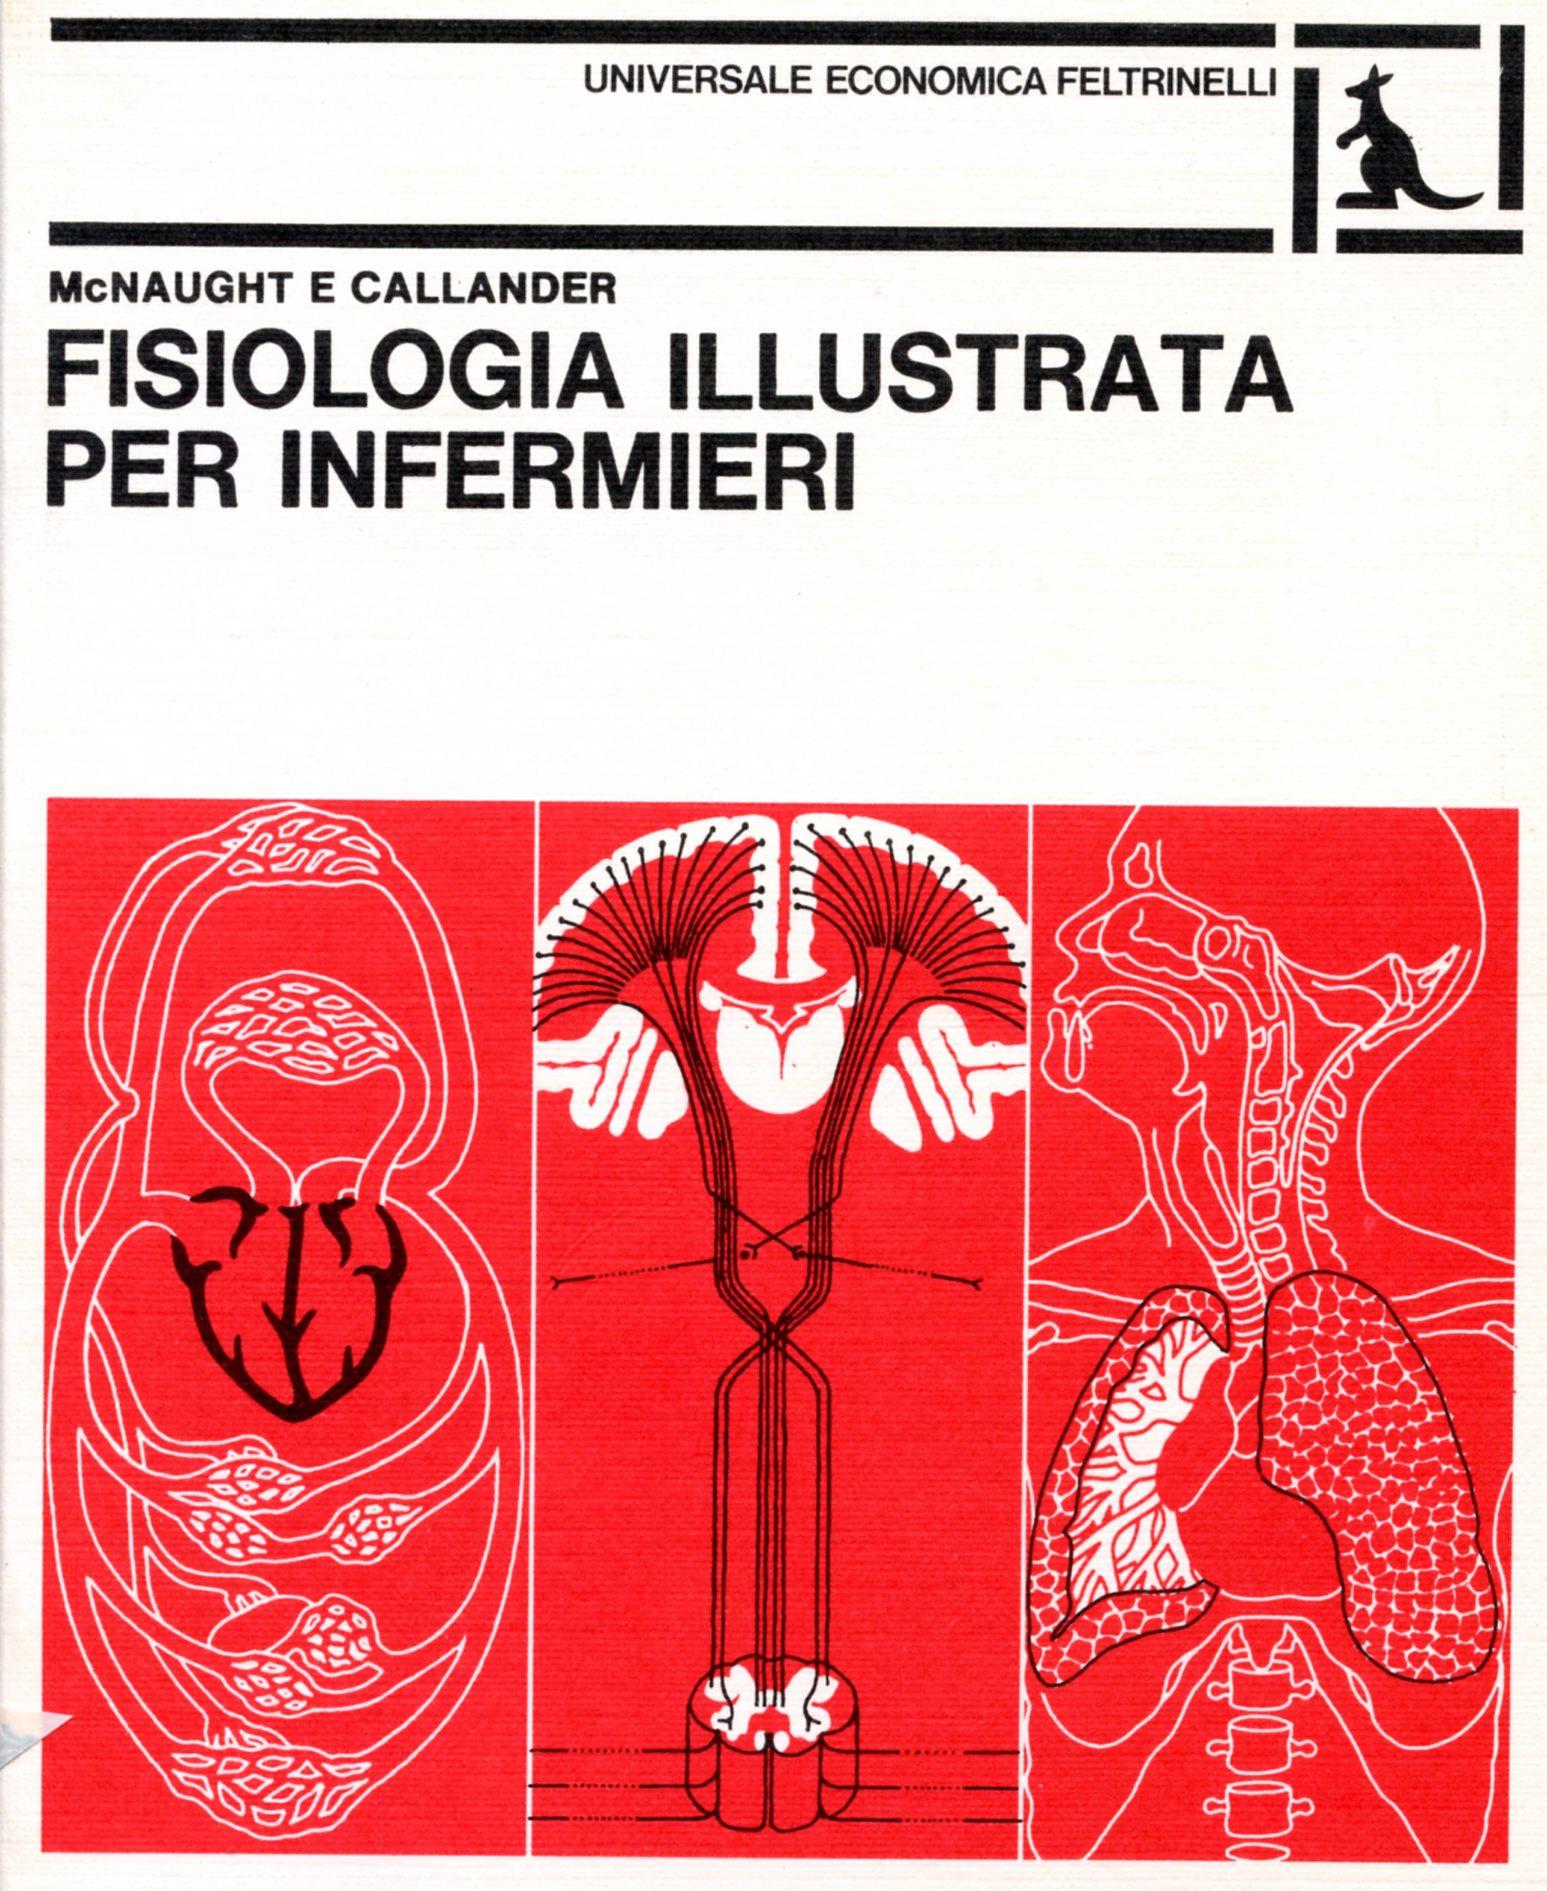 Fisiologia illustrata per infermieri